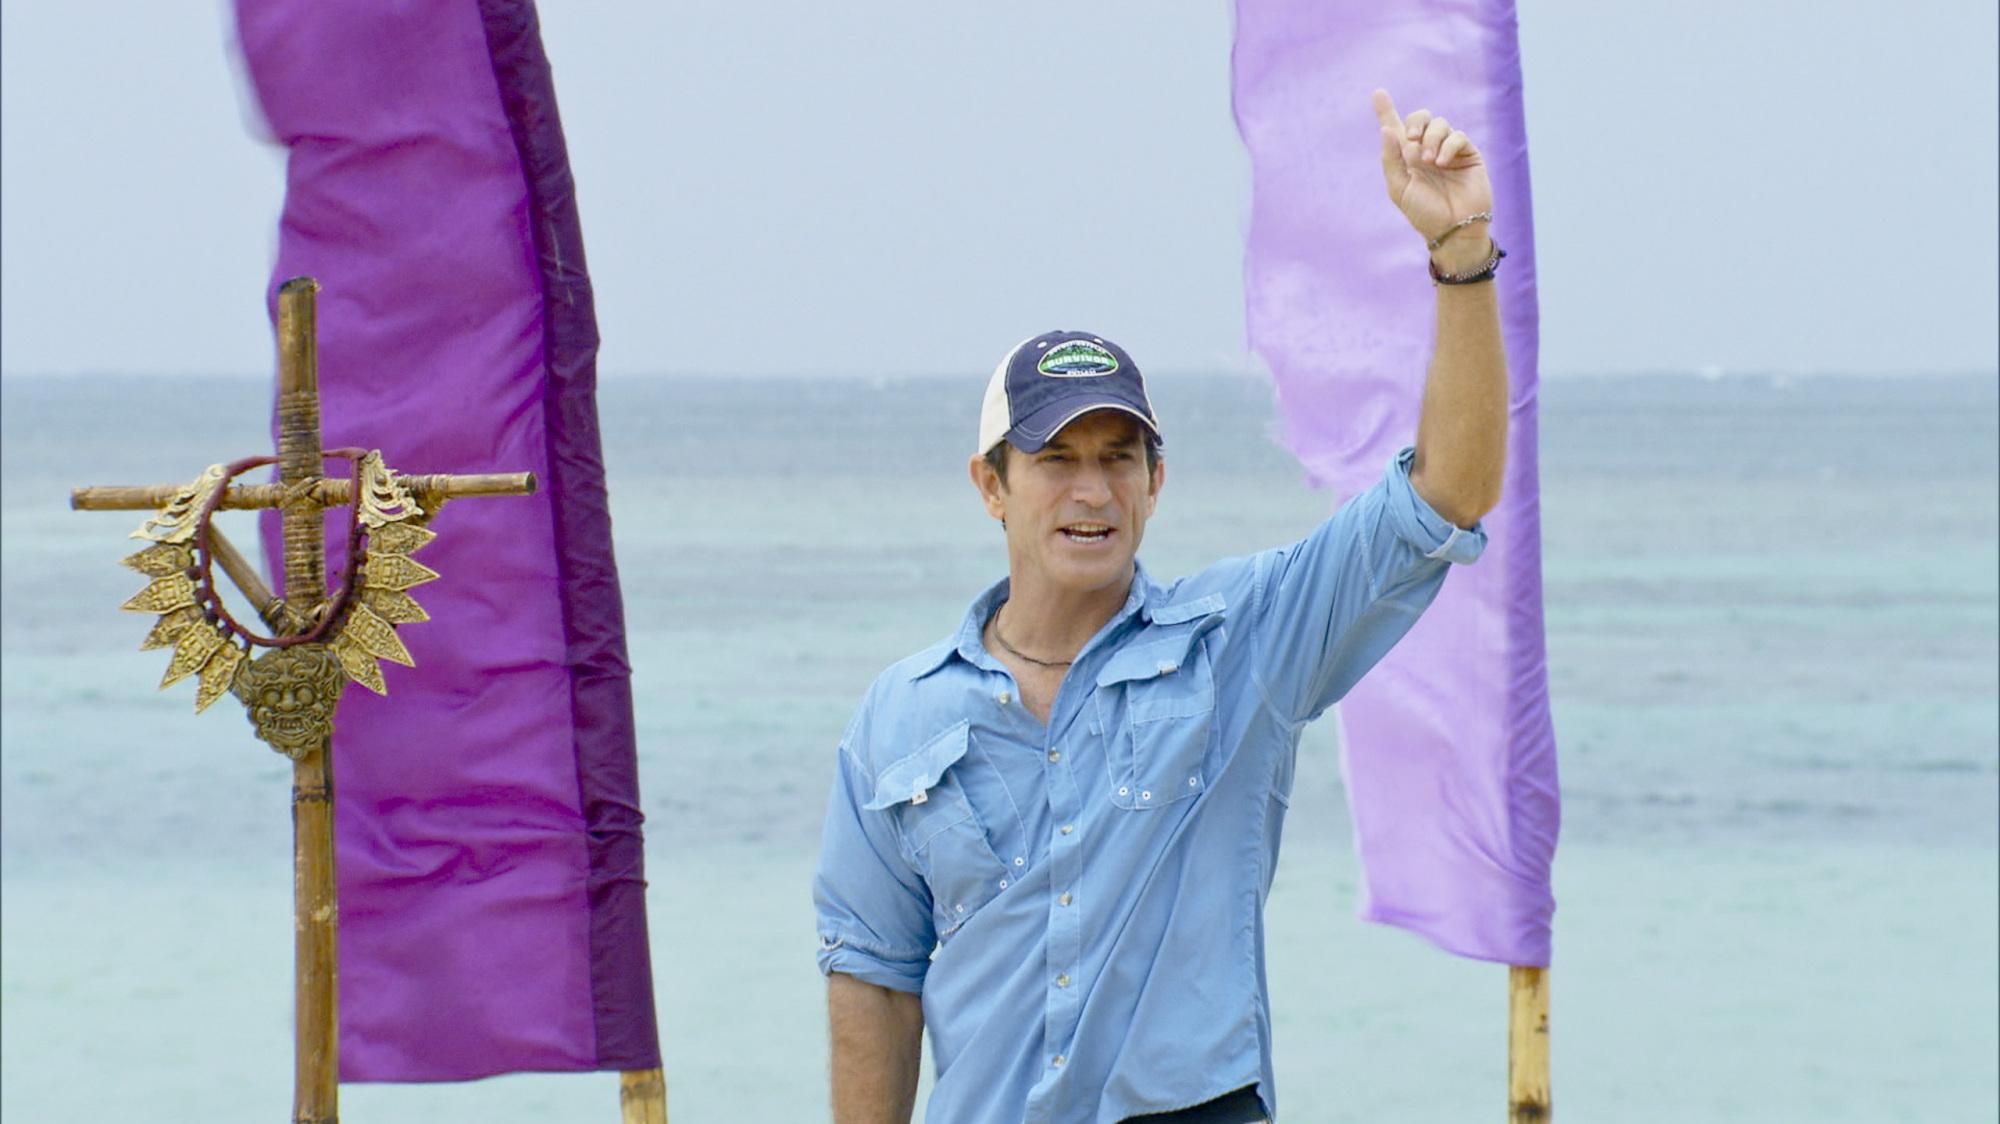 Jeff Probst in Season 28 Episode 11